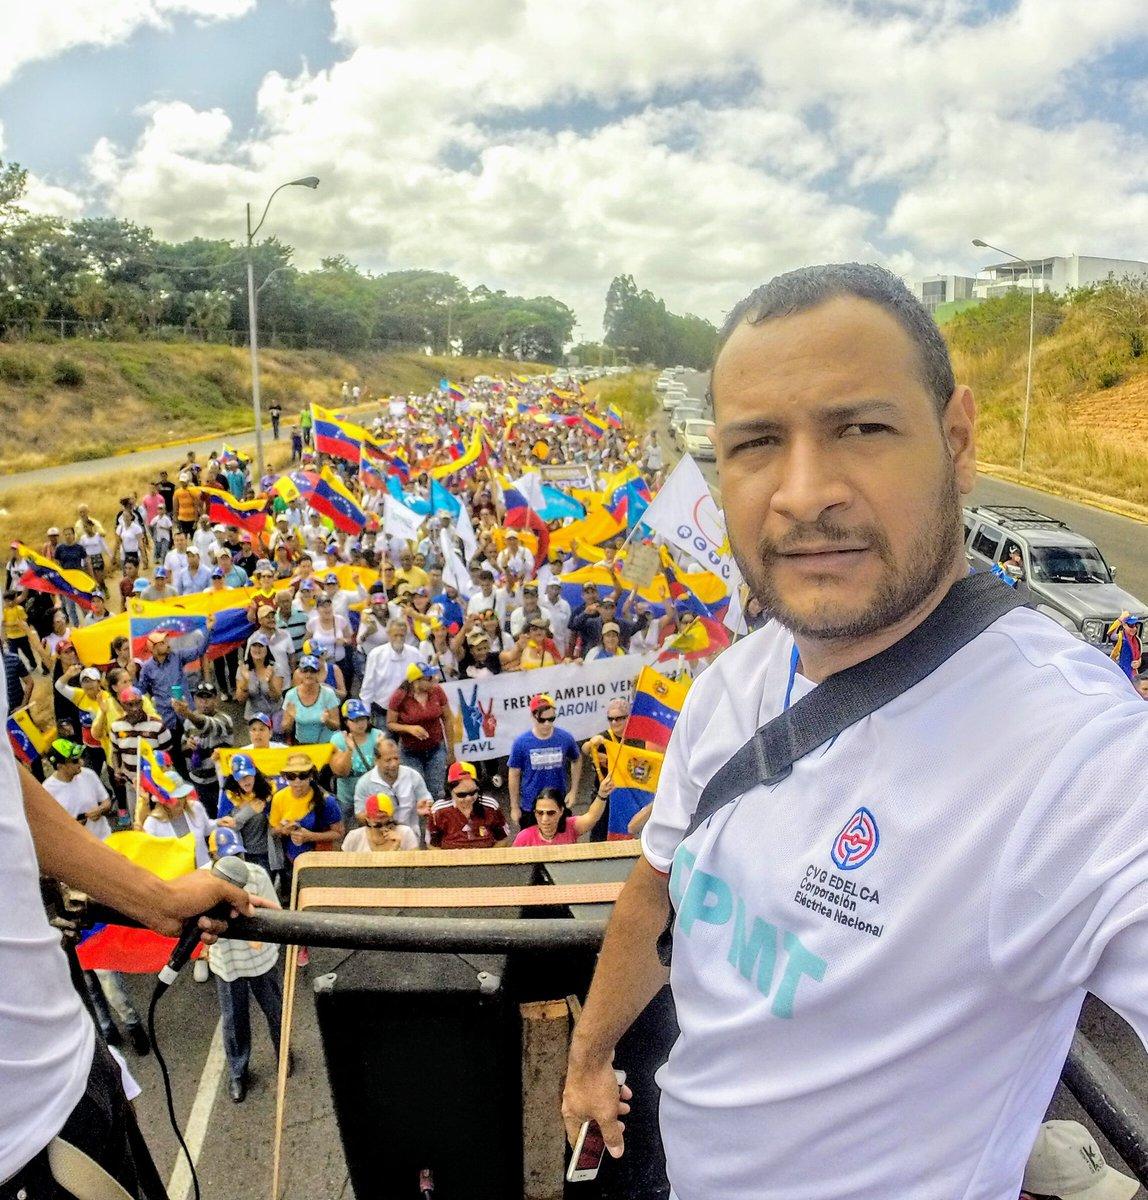 Hoy #12Feb Sociedad civil, gremios, partidos, iglesias acompañamos y reconocemos la valerosa lucha de nuestros jóvenes y estudiantes por la Democracia y Libertad de #Venezuela #12Feb #Guayana